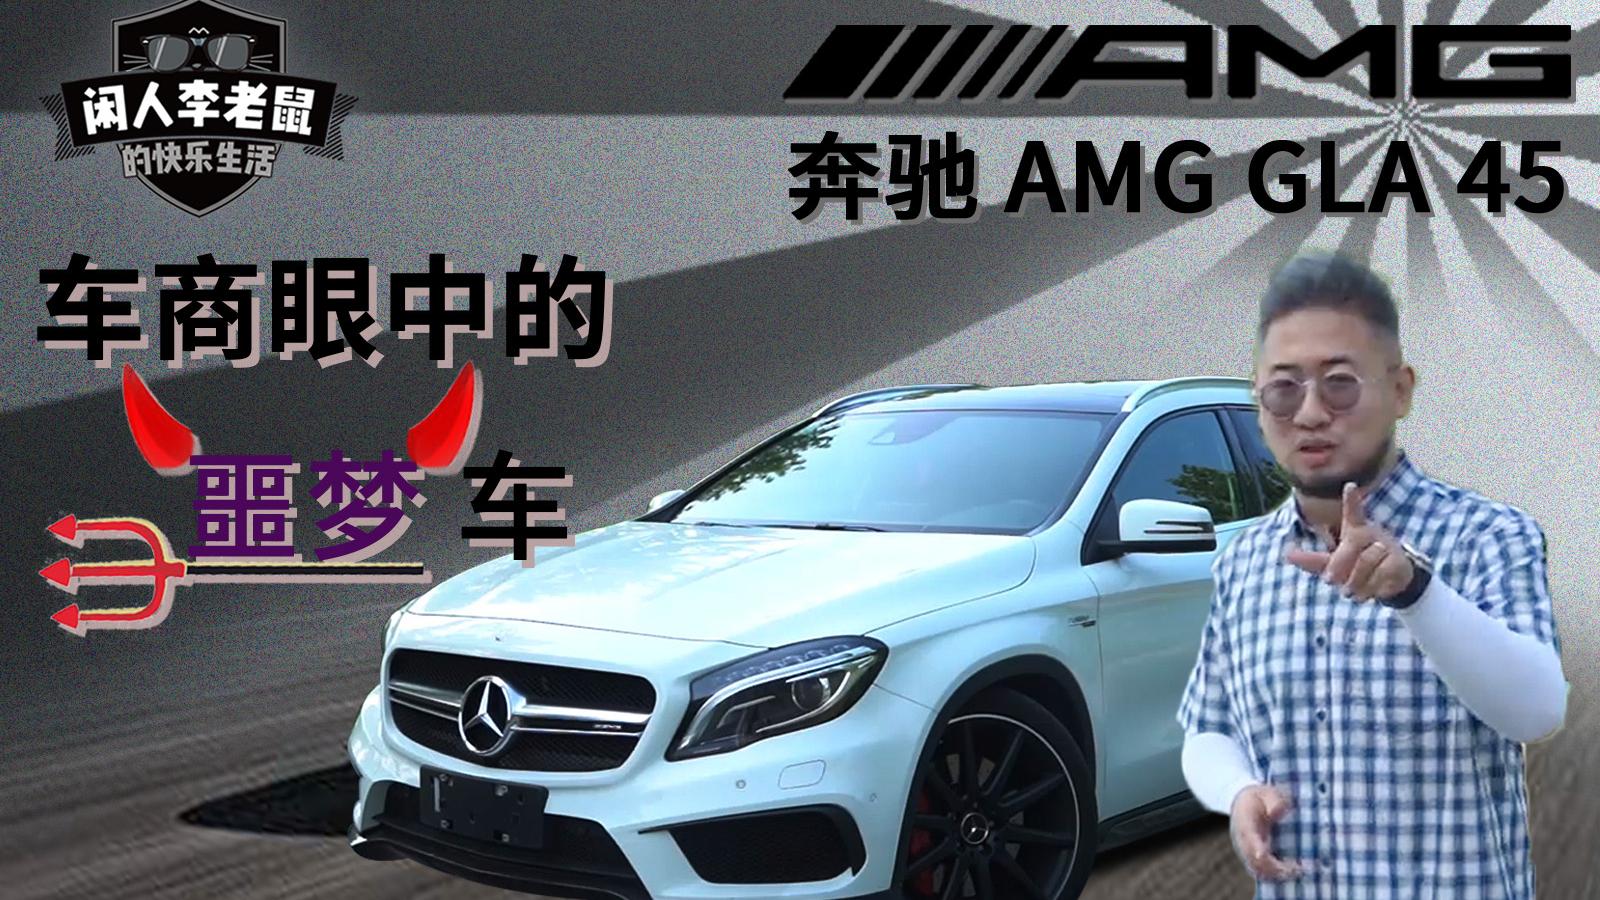 让老鼠找回青春的奔驰AMG,为何却是车商眼里的噩梦级?